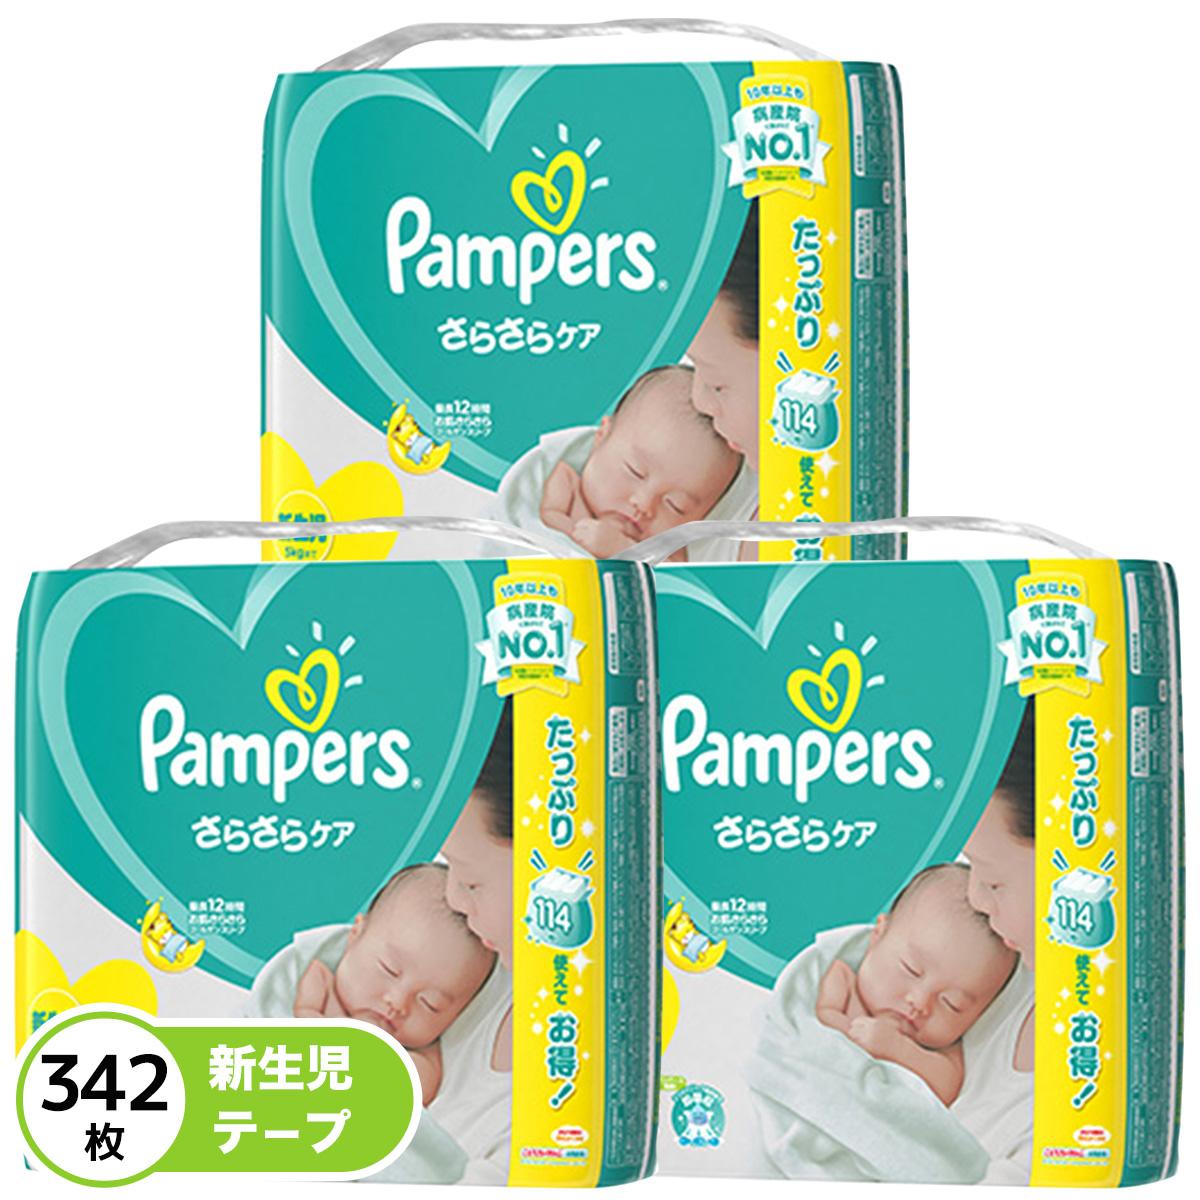 オムツ パンパース 新生児 ベビー用品 セットアップ 2020 新作 期間限定 エントリーでP5倍 テープ おむつ PG さらさらケア 114枚×3パック 5kgまで